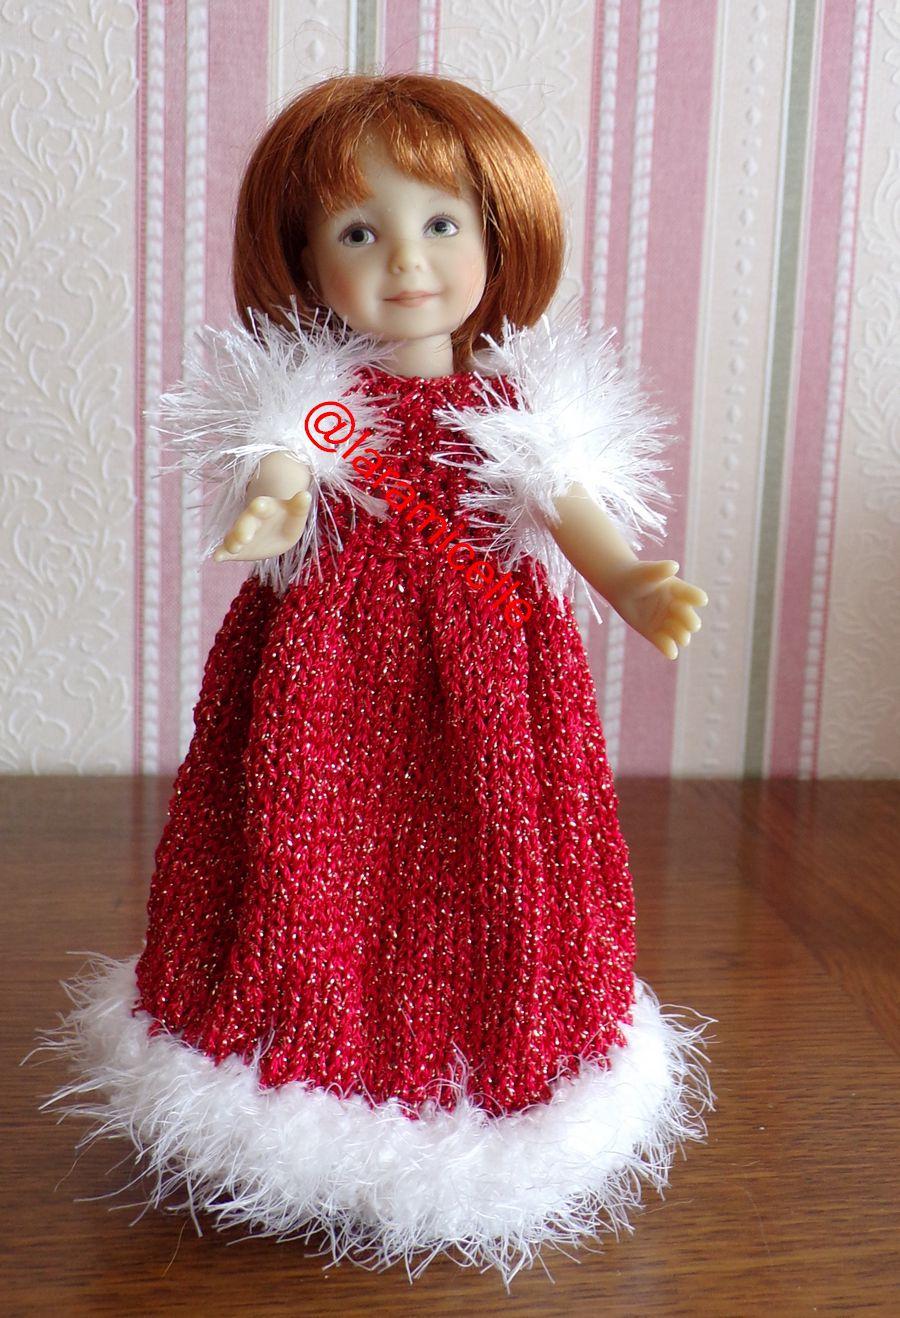 tuto gratuit poupée: protège épaules fil fourrure, tricoteuses débutantes